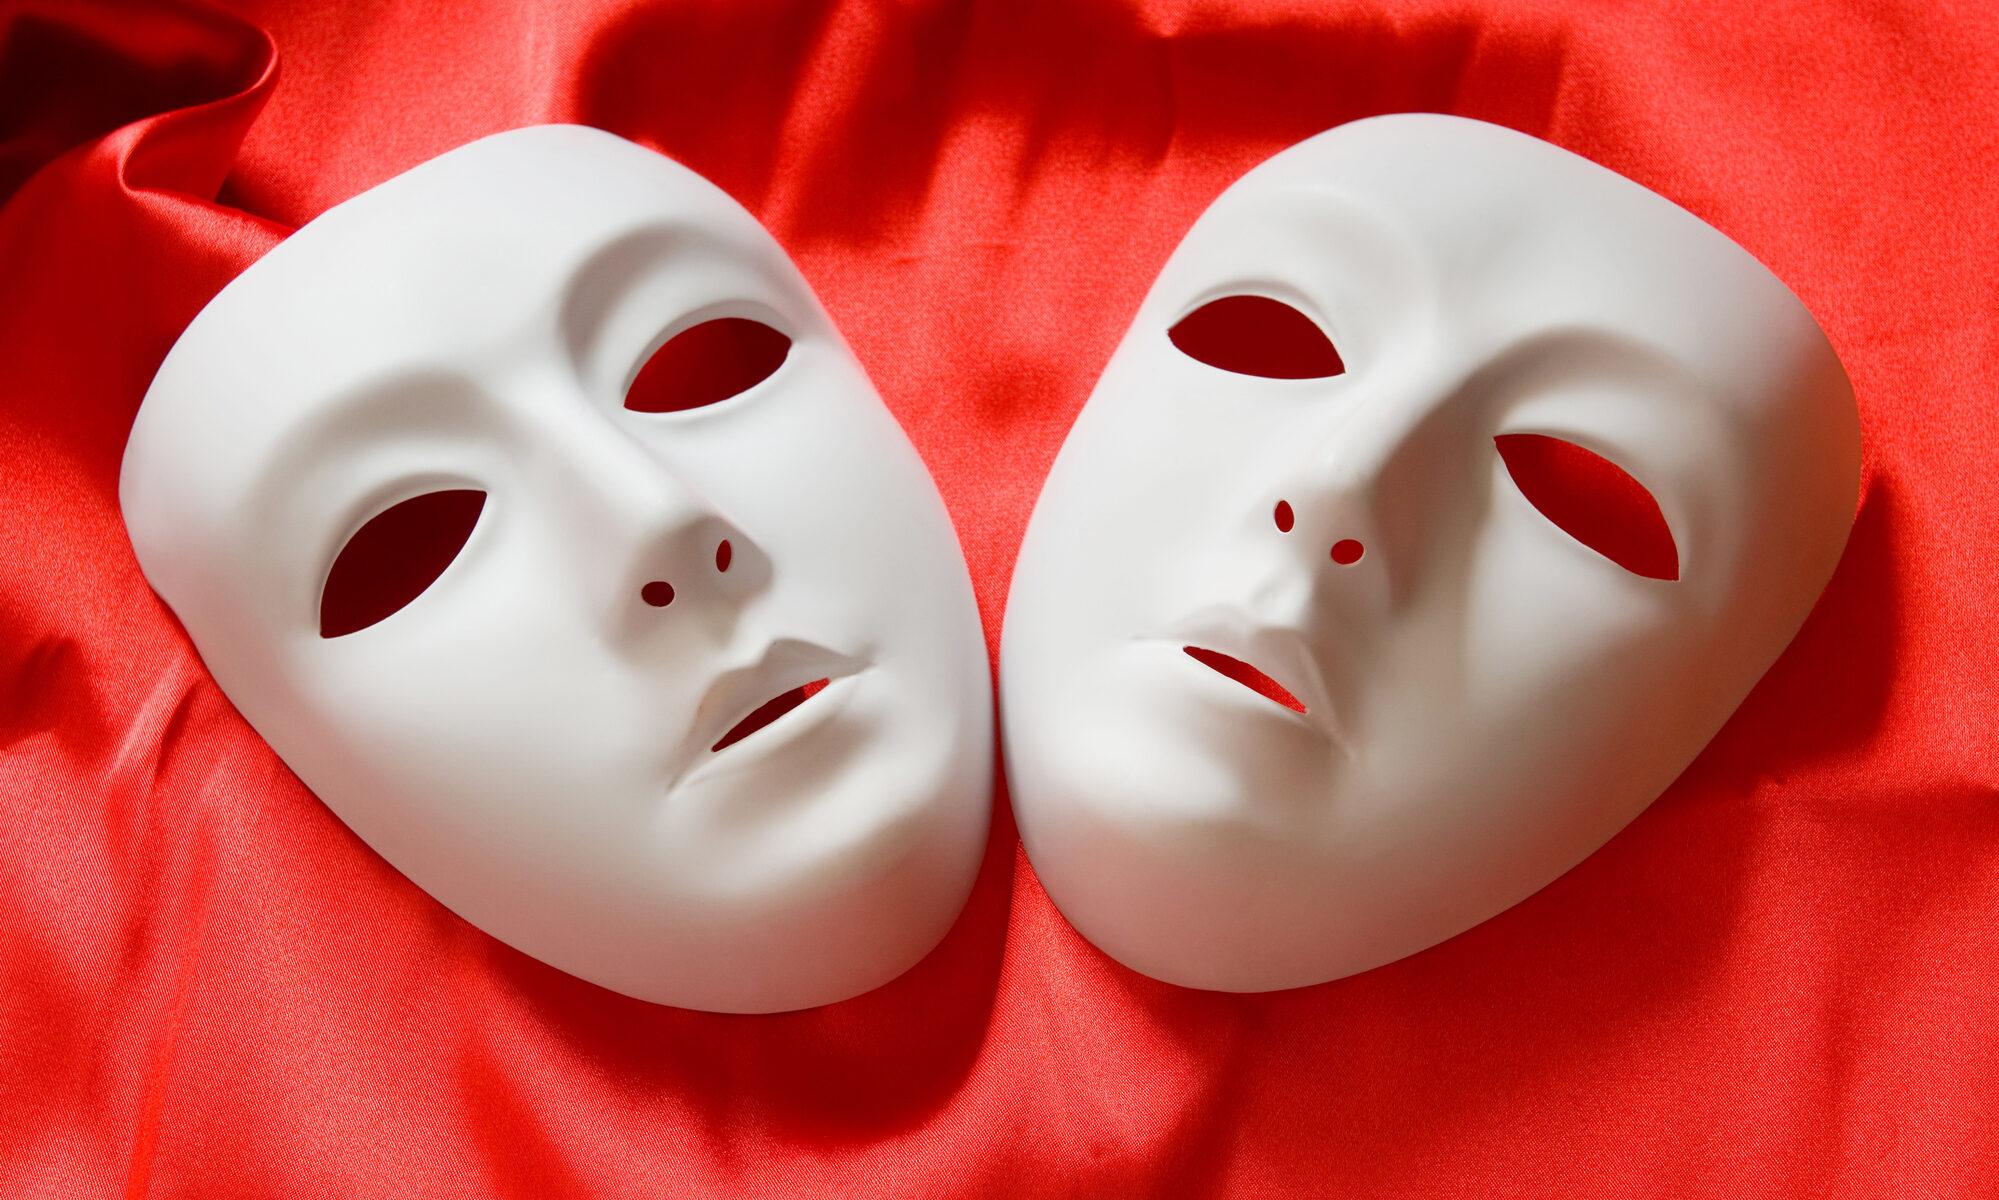 Zwei gefühlslose Masken auf roten Stoff